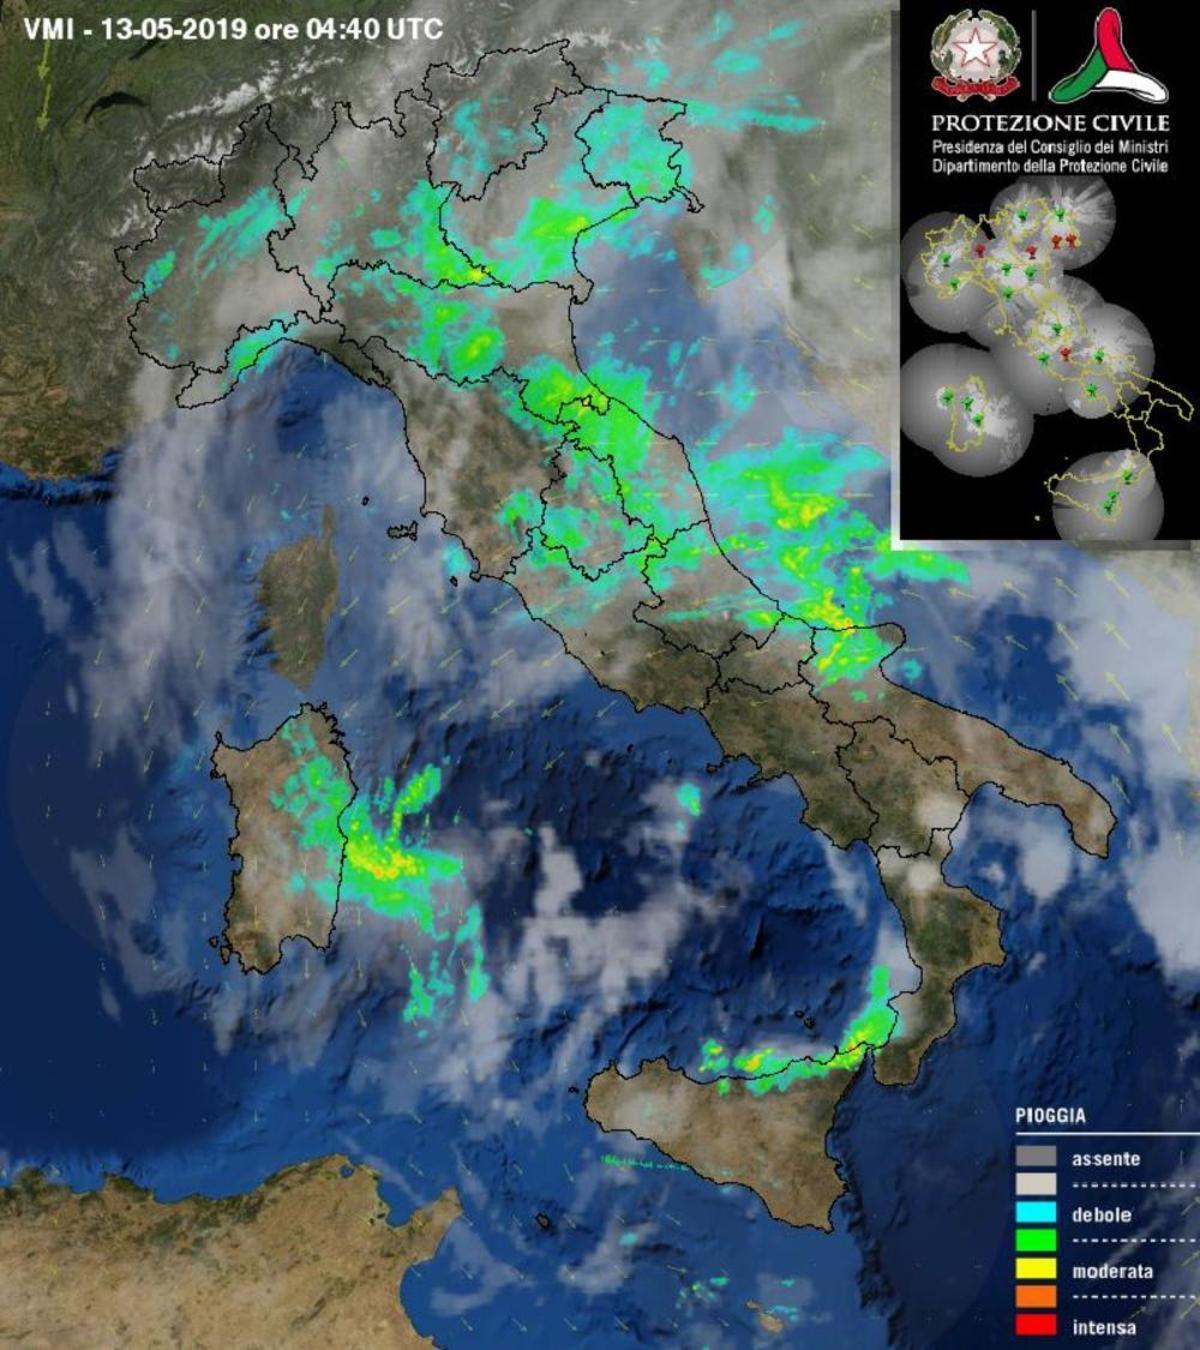 Piogge e temporali come si può vedere dall'immagine radar - protezionecivile.gov.it.